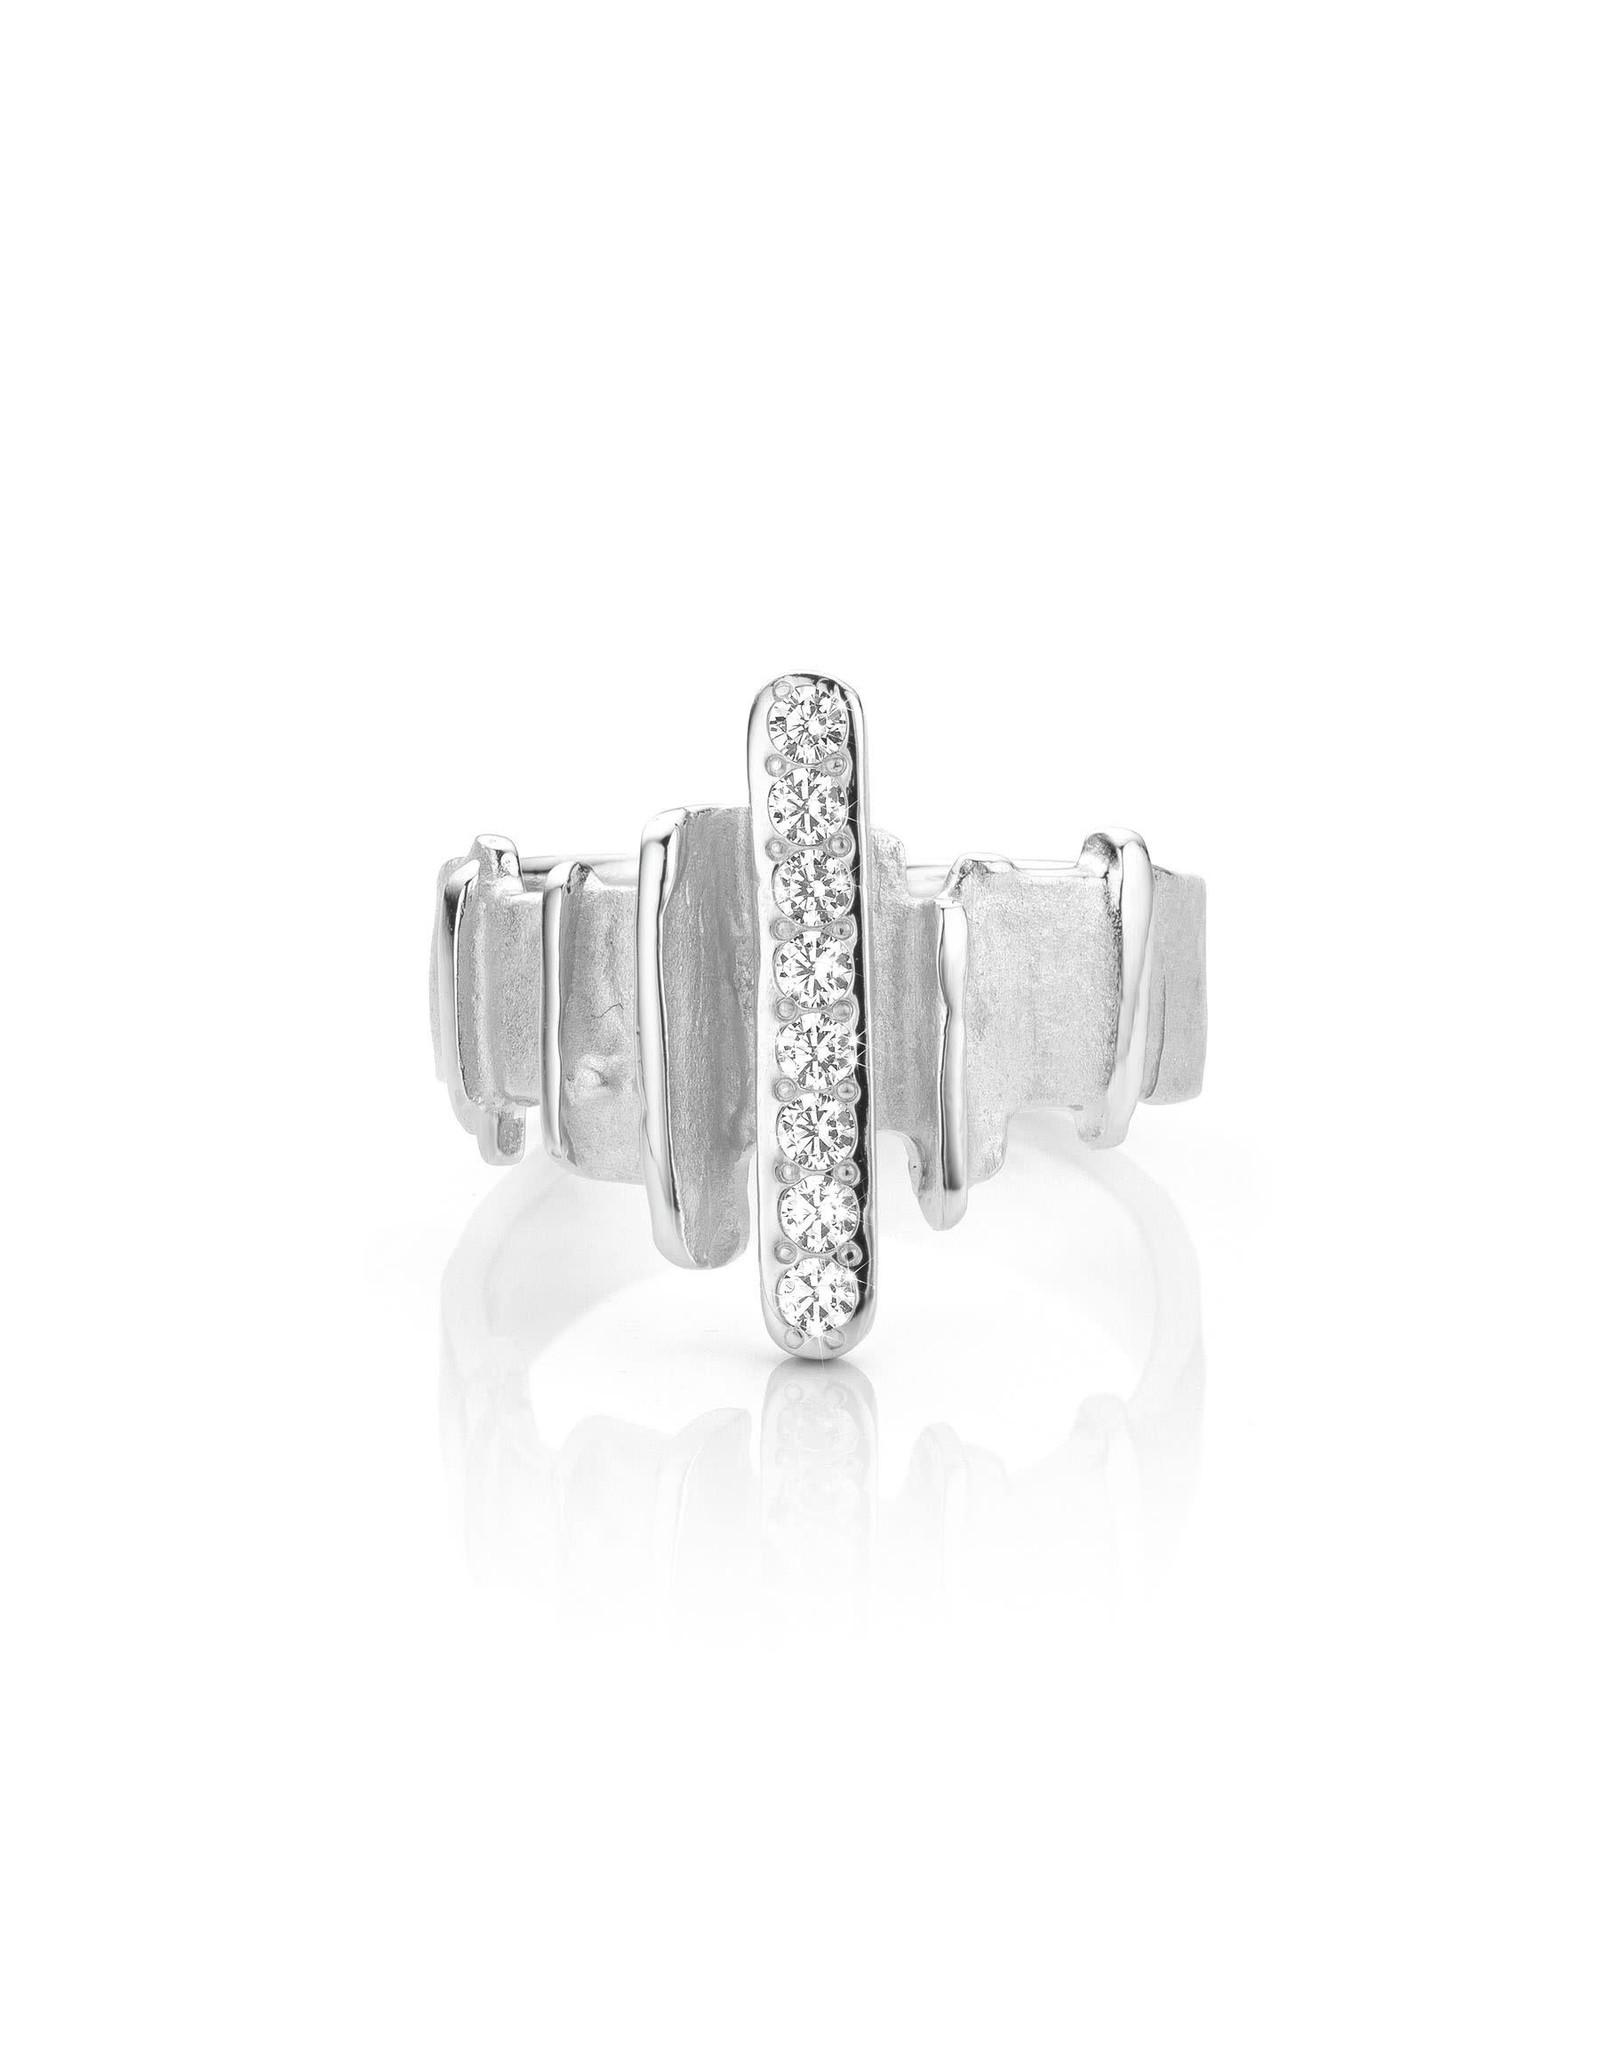 Mathisse by Stevigny Ring Mathisse by Stevigny R861-56 Zilver